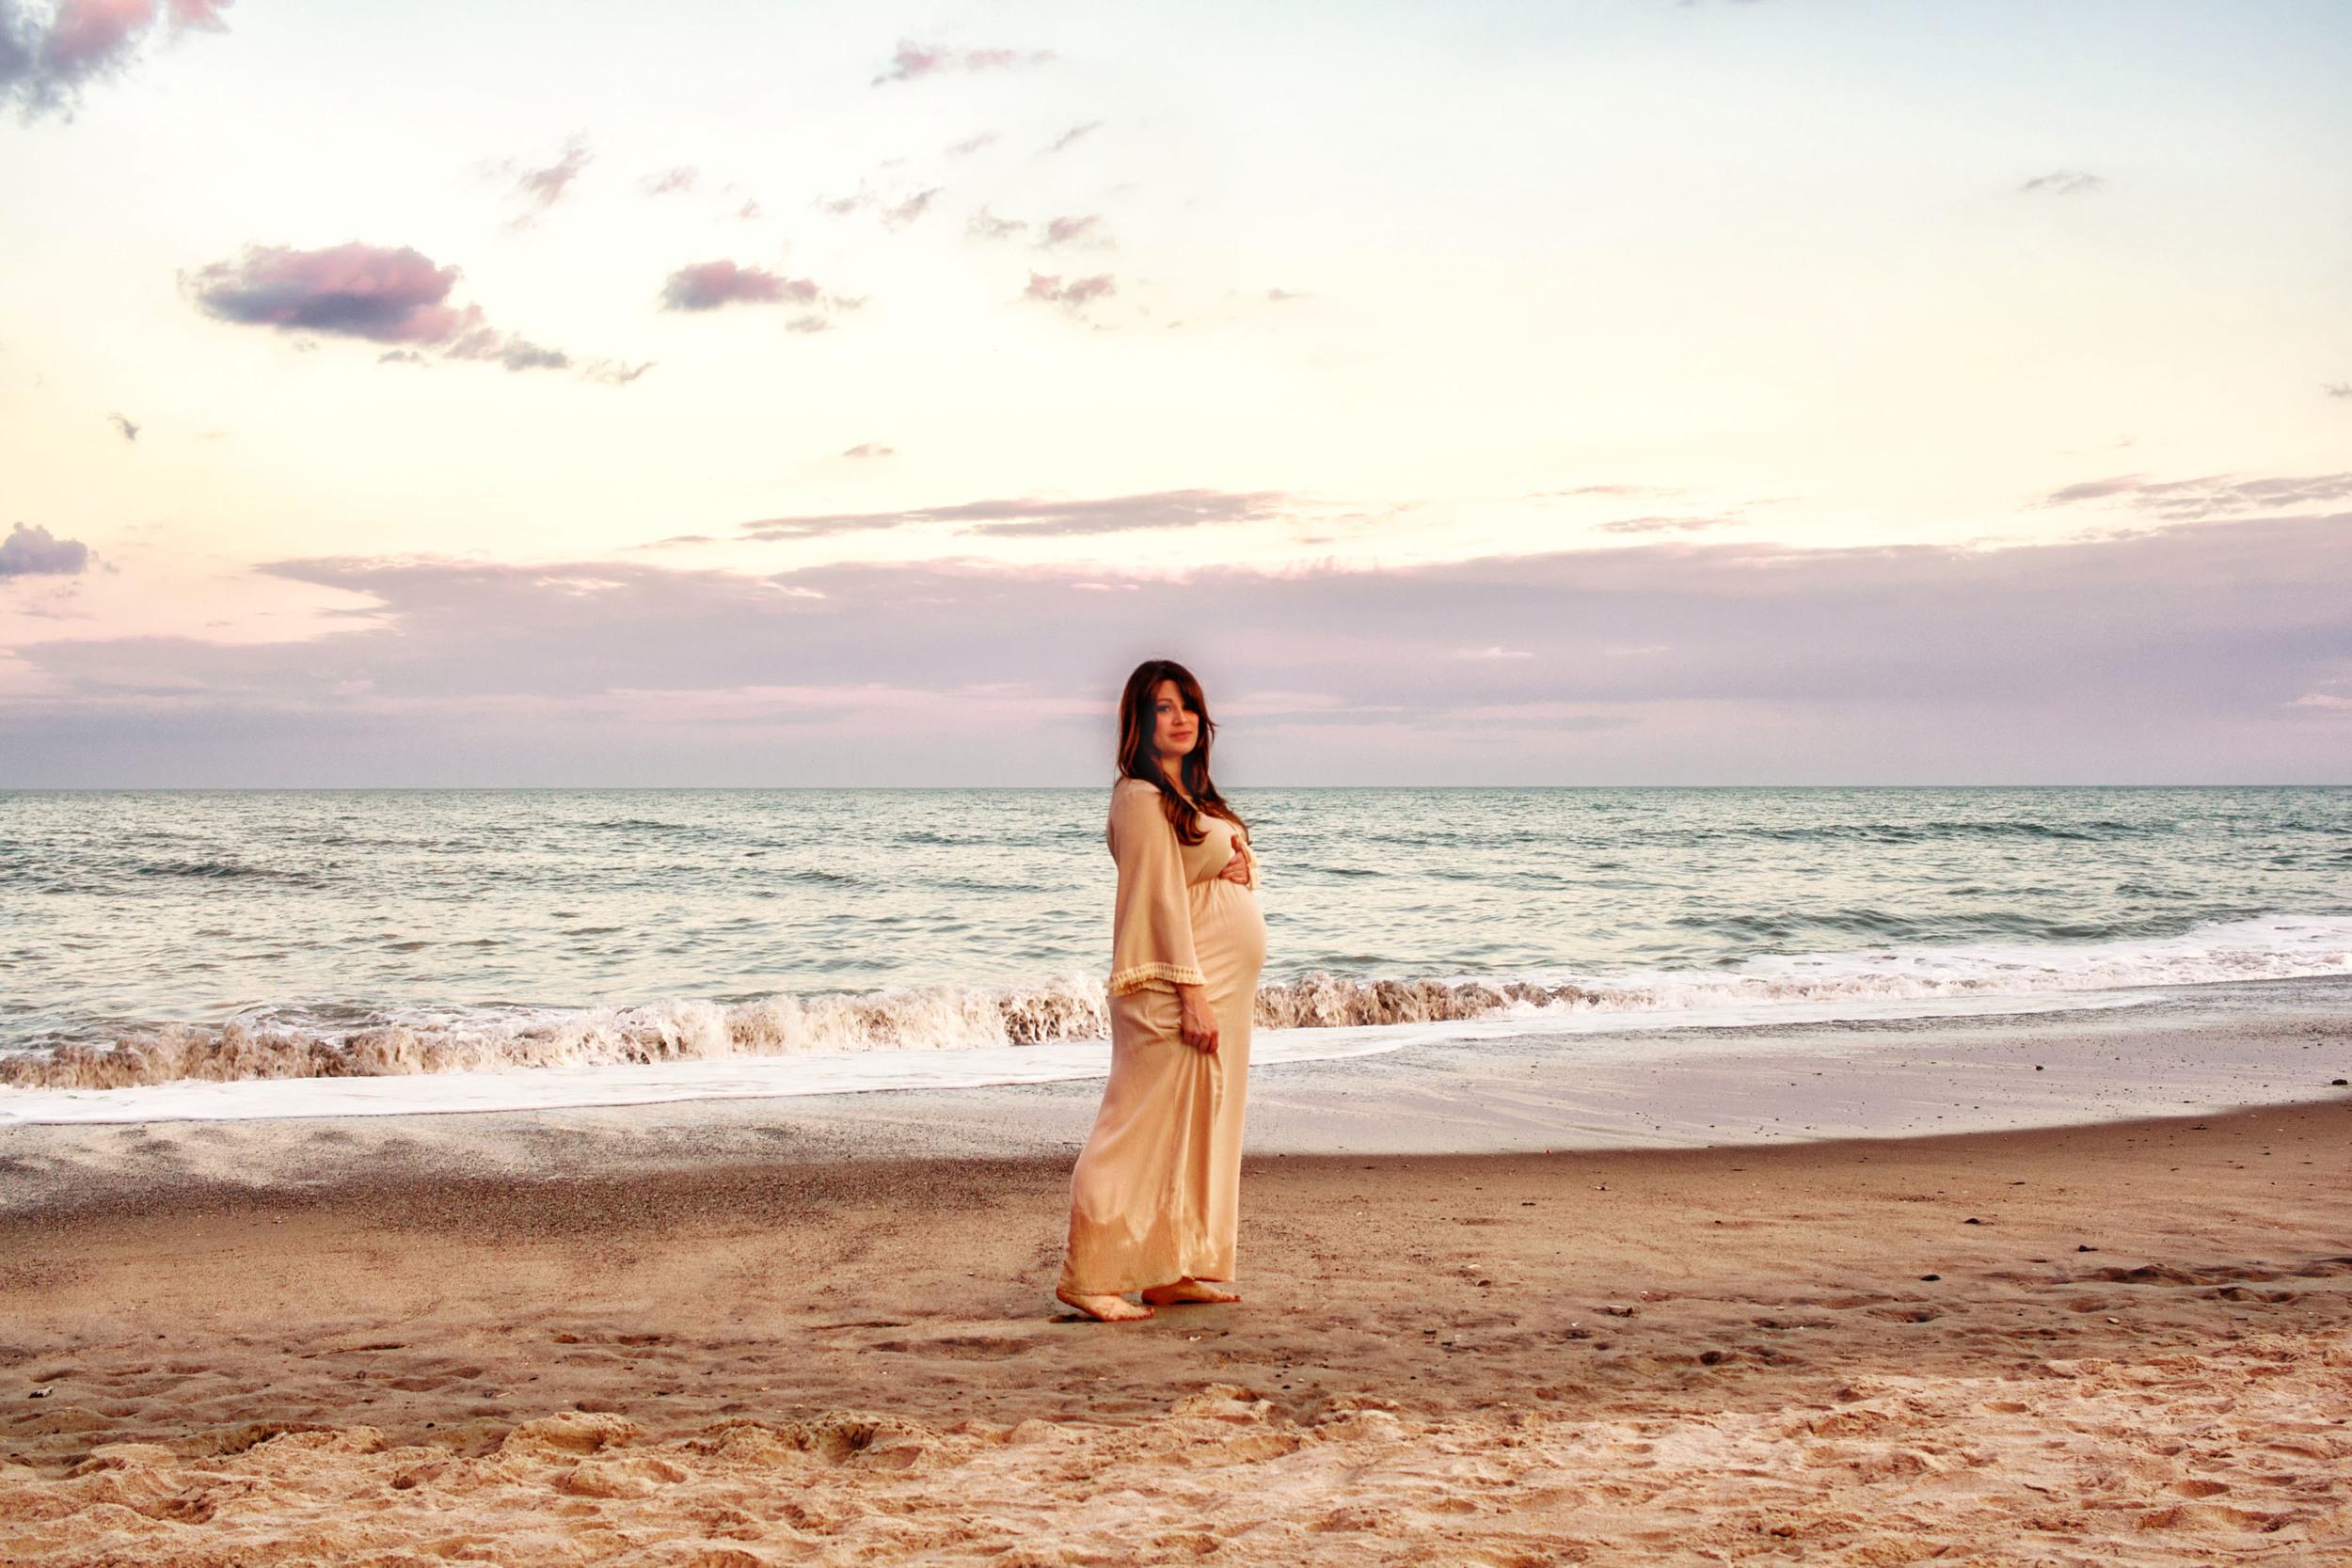 Kure_Beach_Maternity_Shoot_Tiffany_Abruzzo_Photography_23.jpg